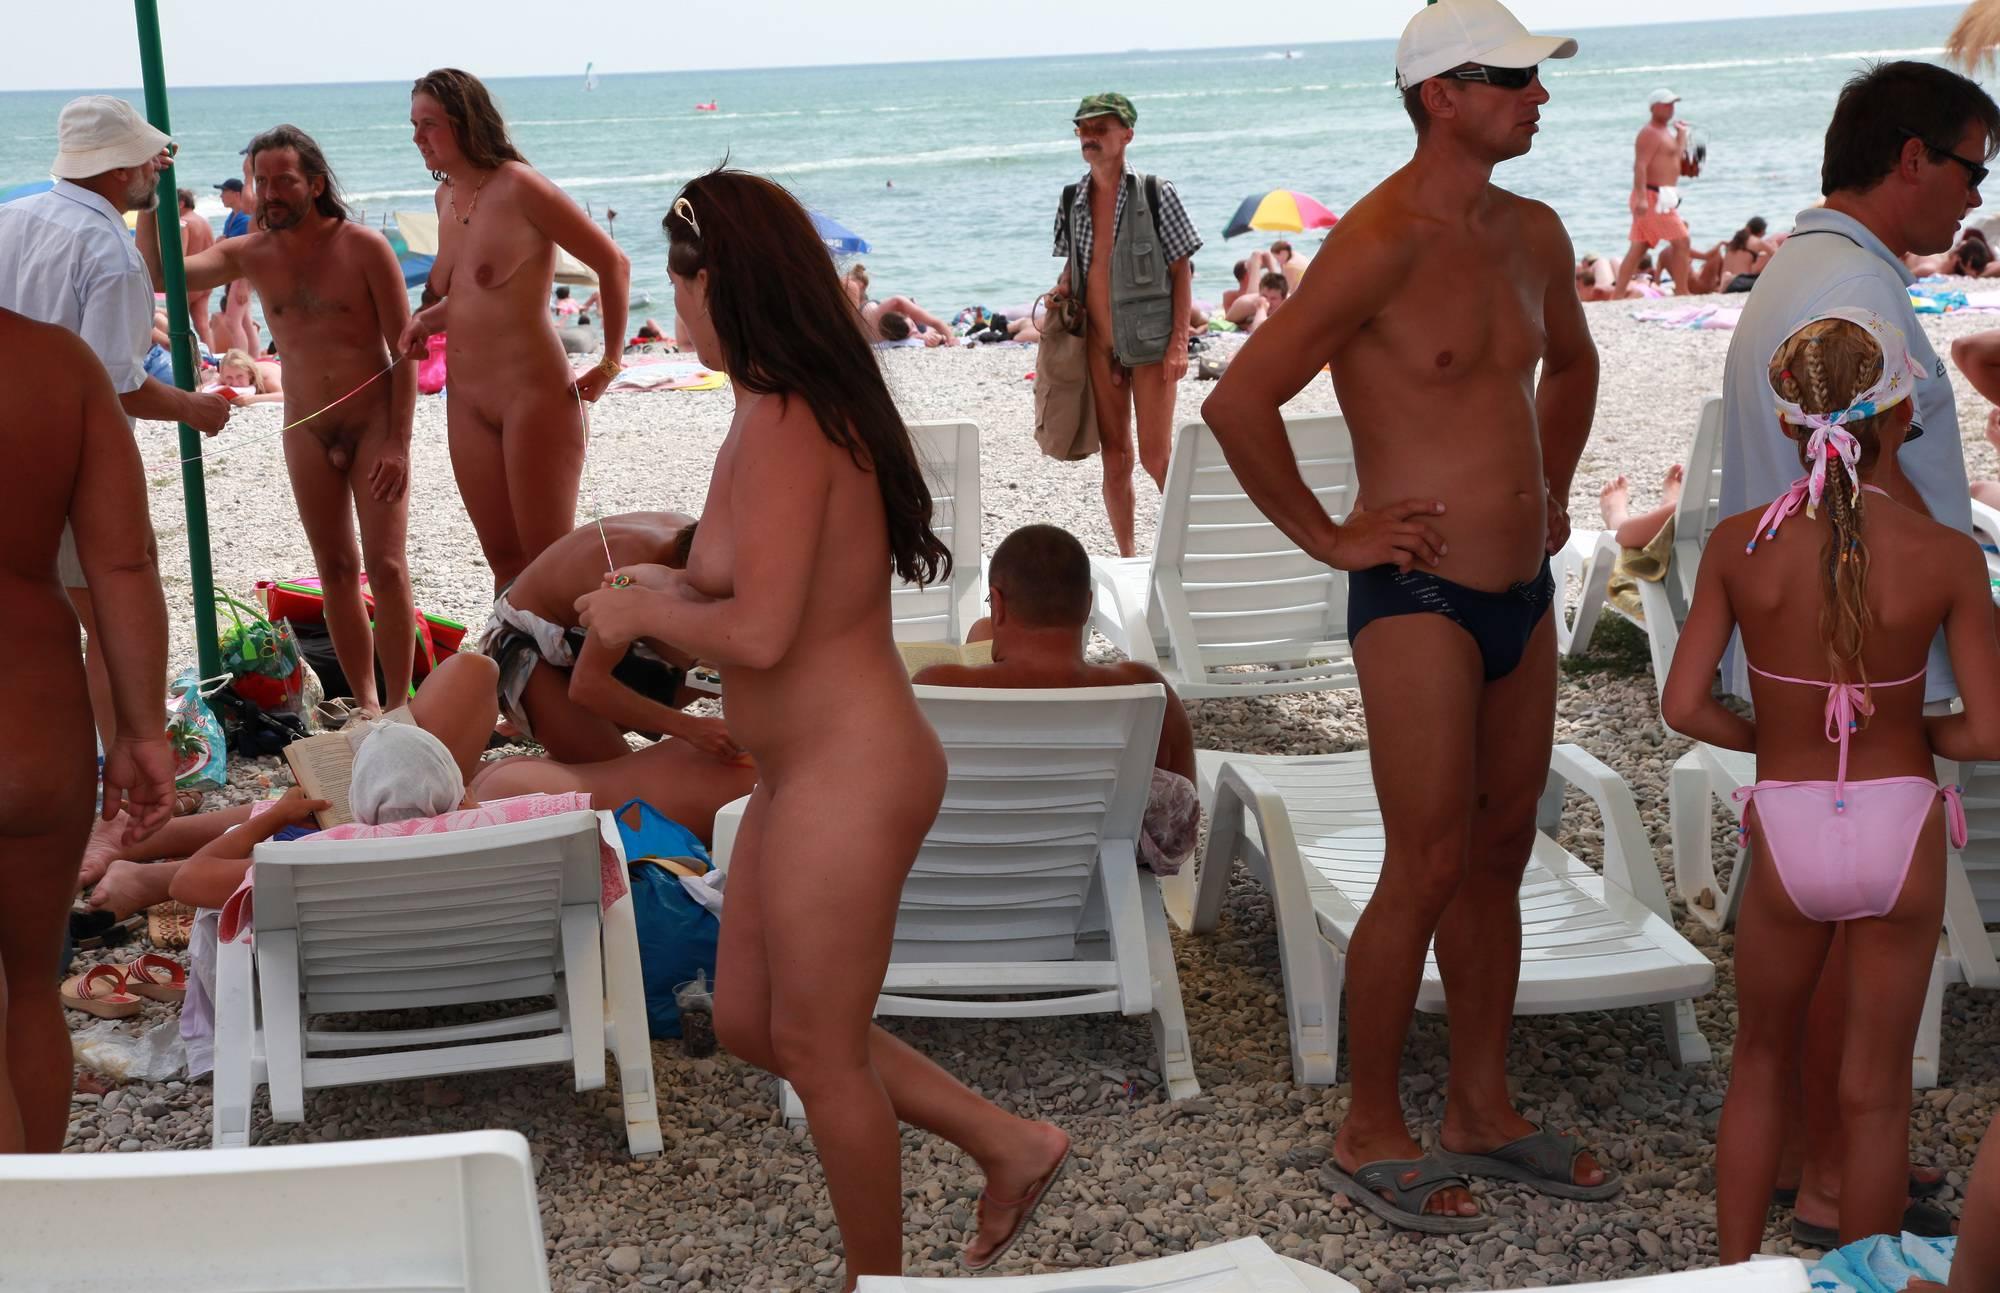 Nudist Photos Neptune Body Paint Starts - 1